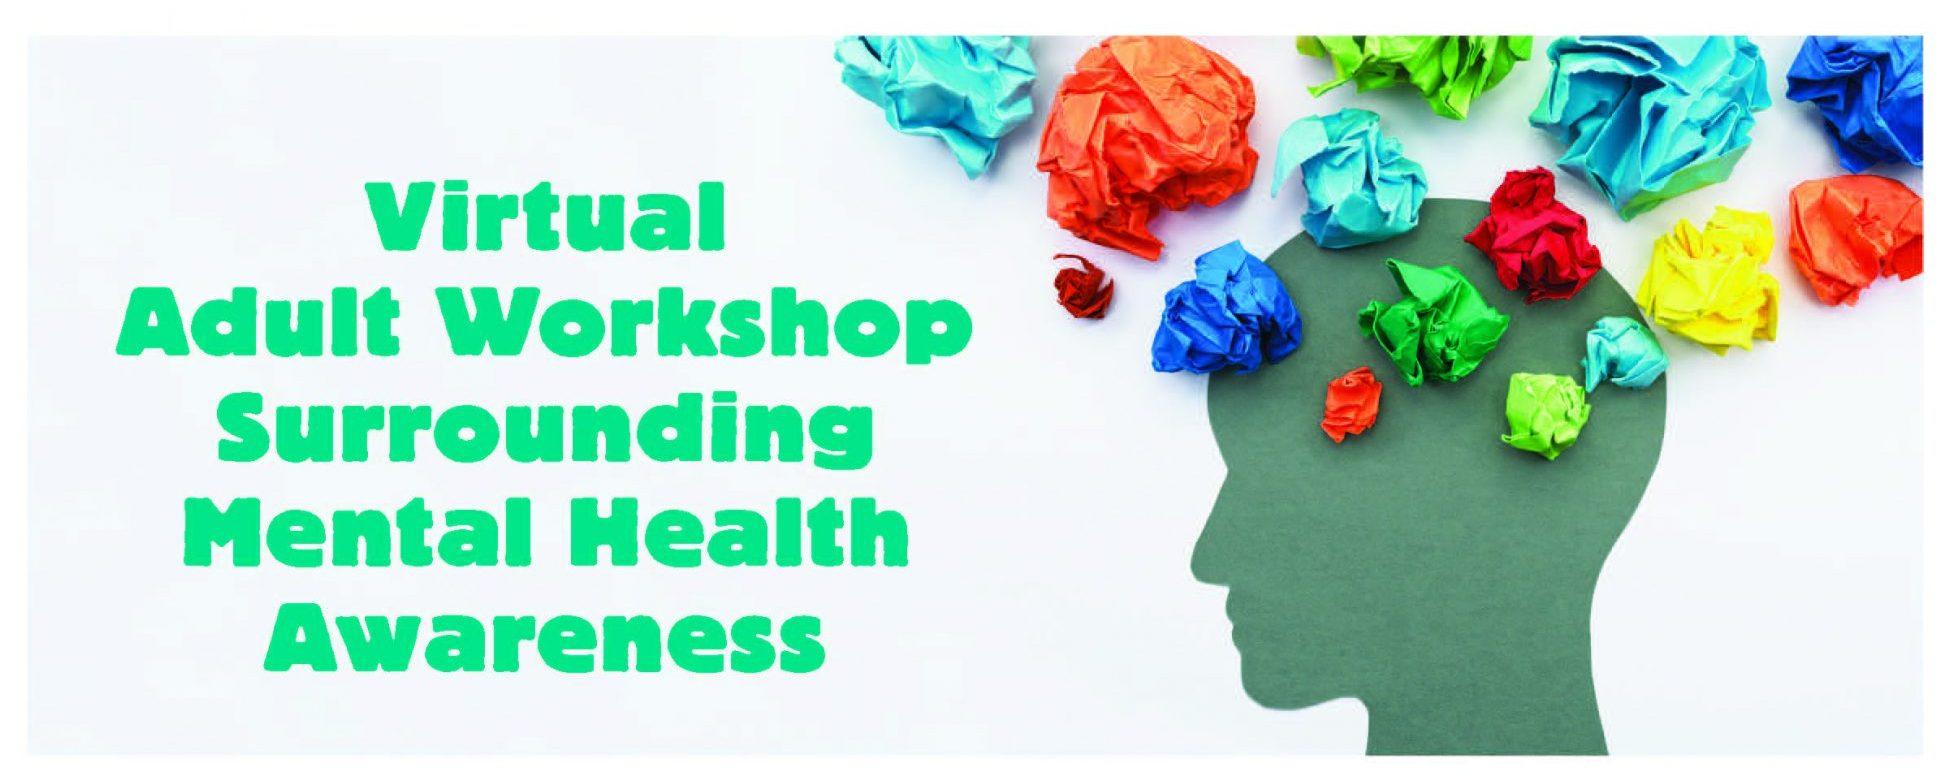 SEF's Workshop Series Presents the Adult Virtual Mental Health Workshop